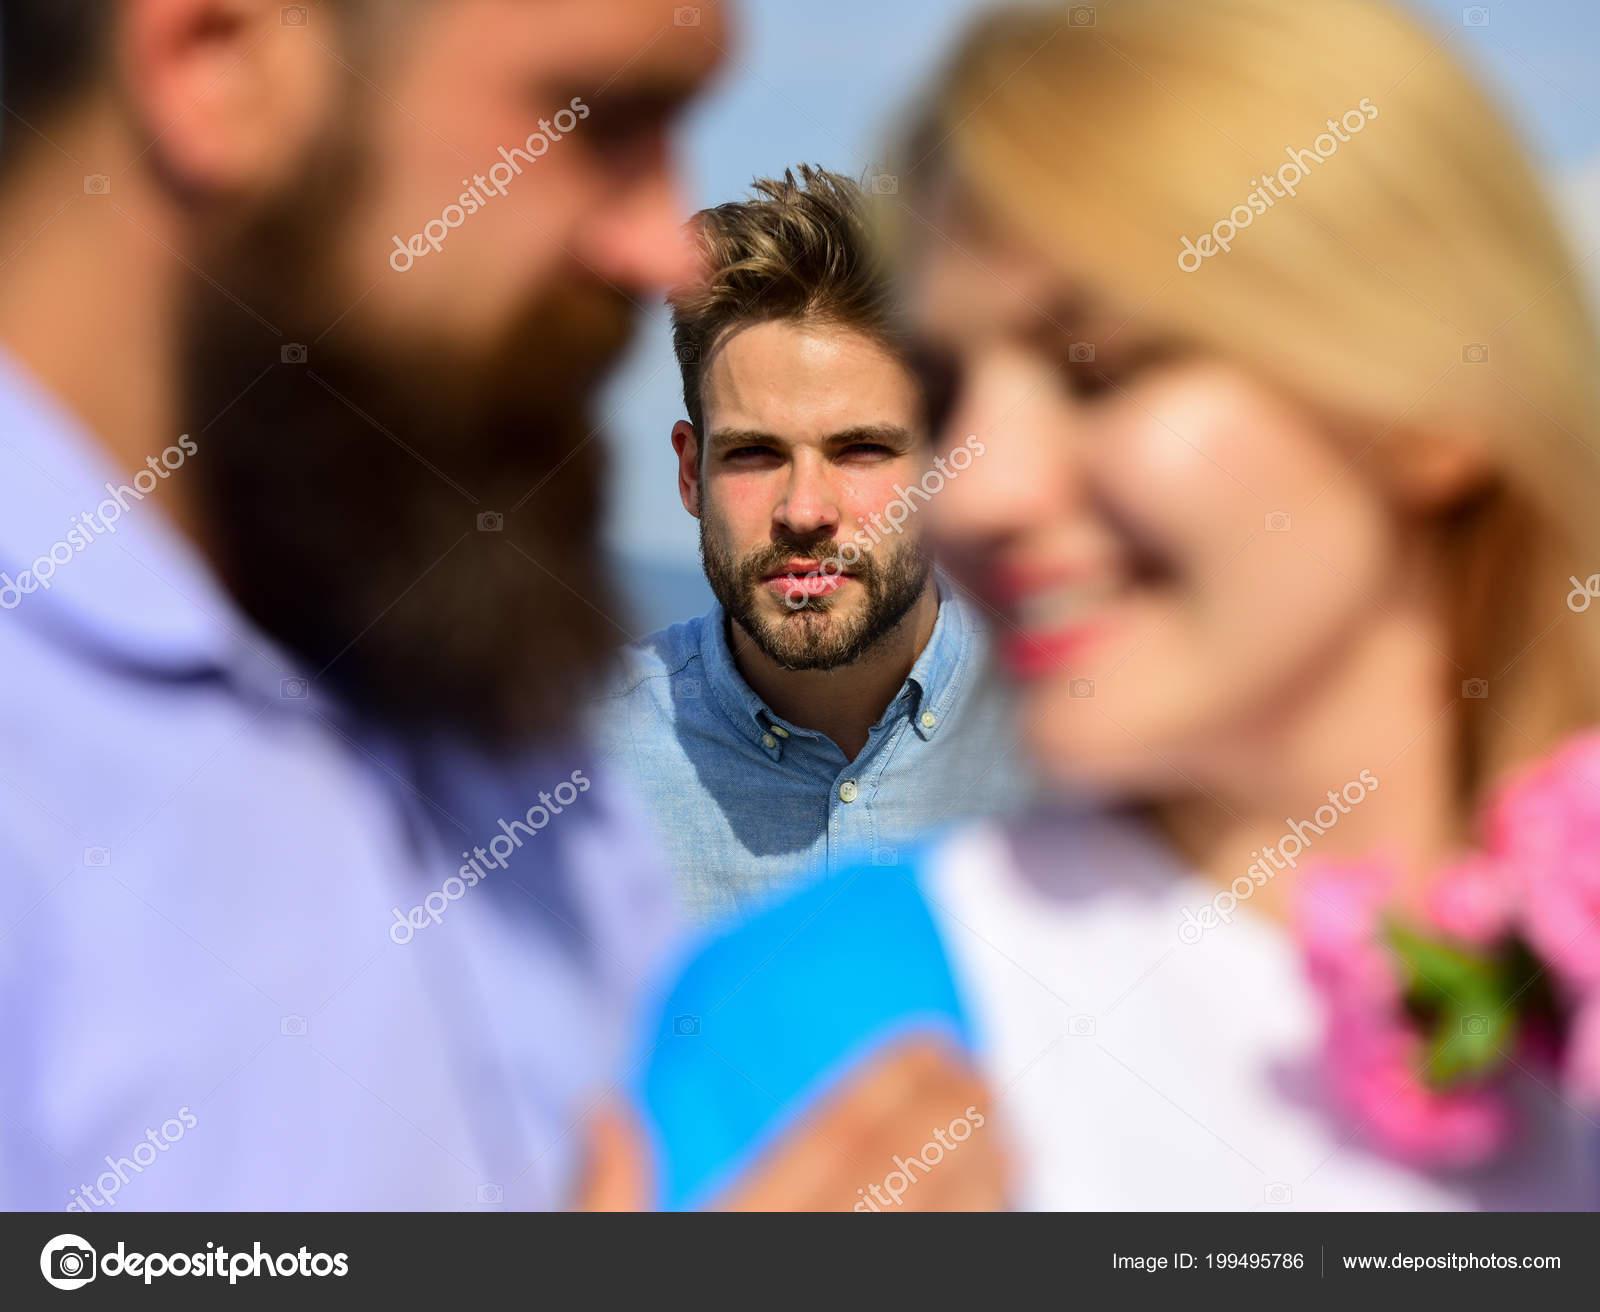 kennenlernen deutschland mann eifersucht flirtet spielerisch  Warum wir versuchen, unseren Partner eifersüchtig zu machen Therapie: Eifersucht bekämpfen und besiegen - Was - Flirt University. Warum wir versuchen, unseren Partner eifersüchtig zu machen Therapie: Eifersucht bekämpfen und besiegen - Was - Flirt University.